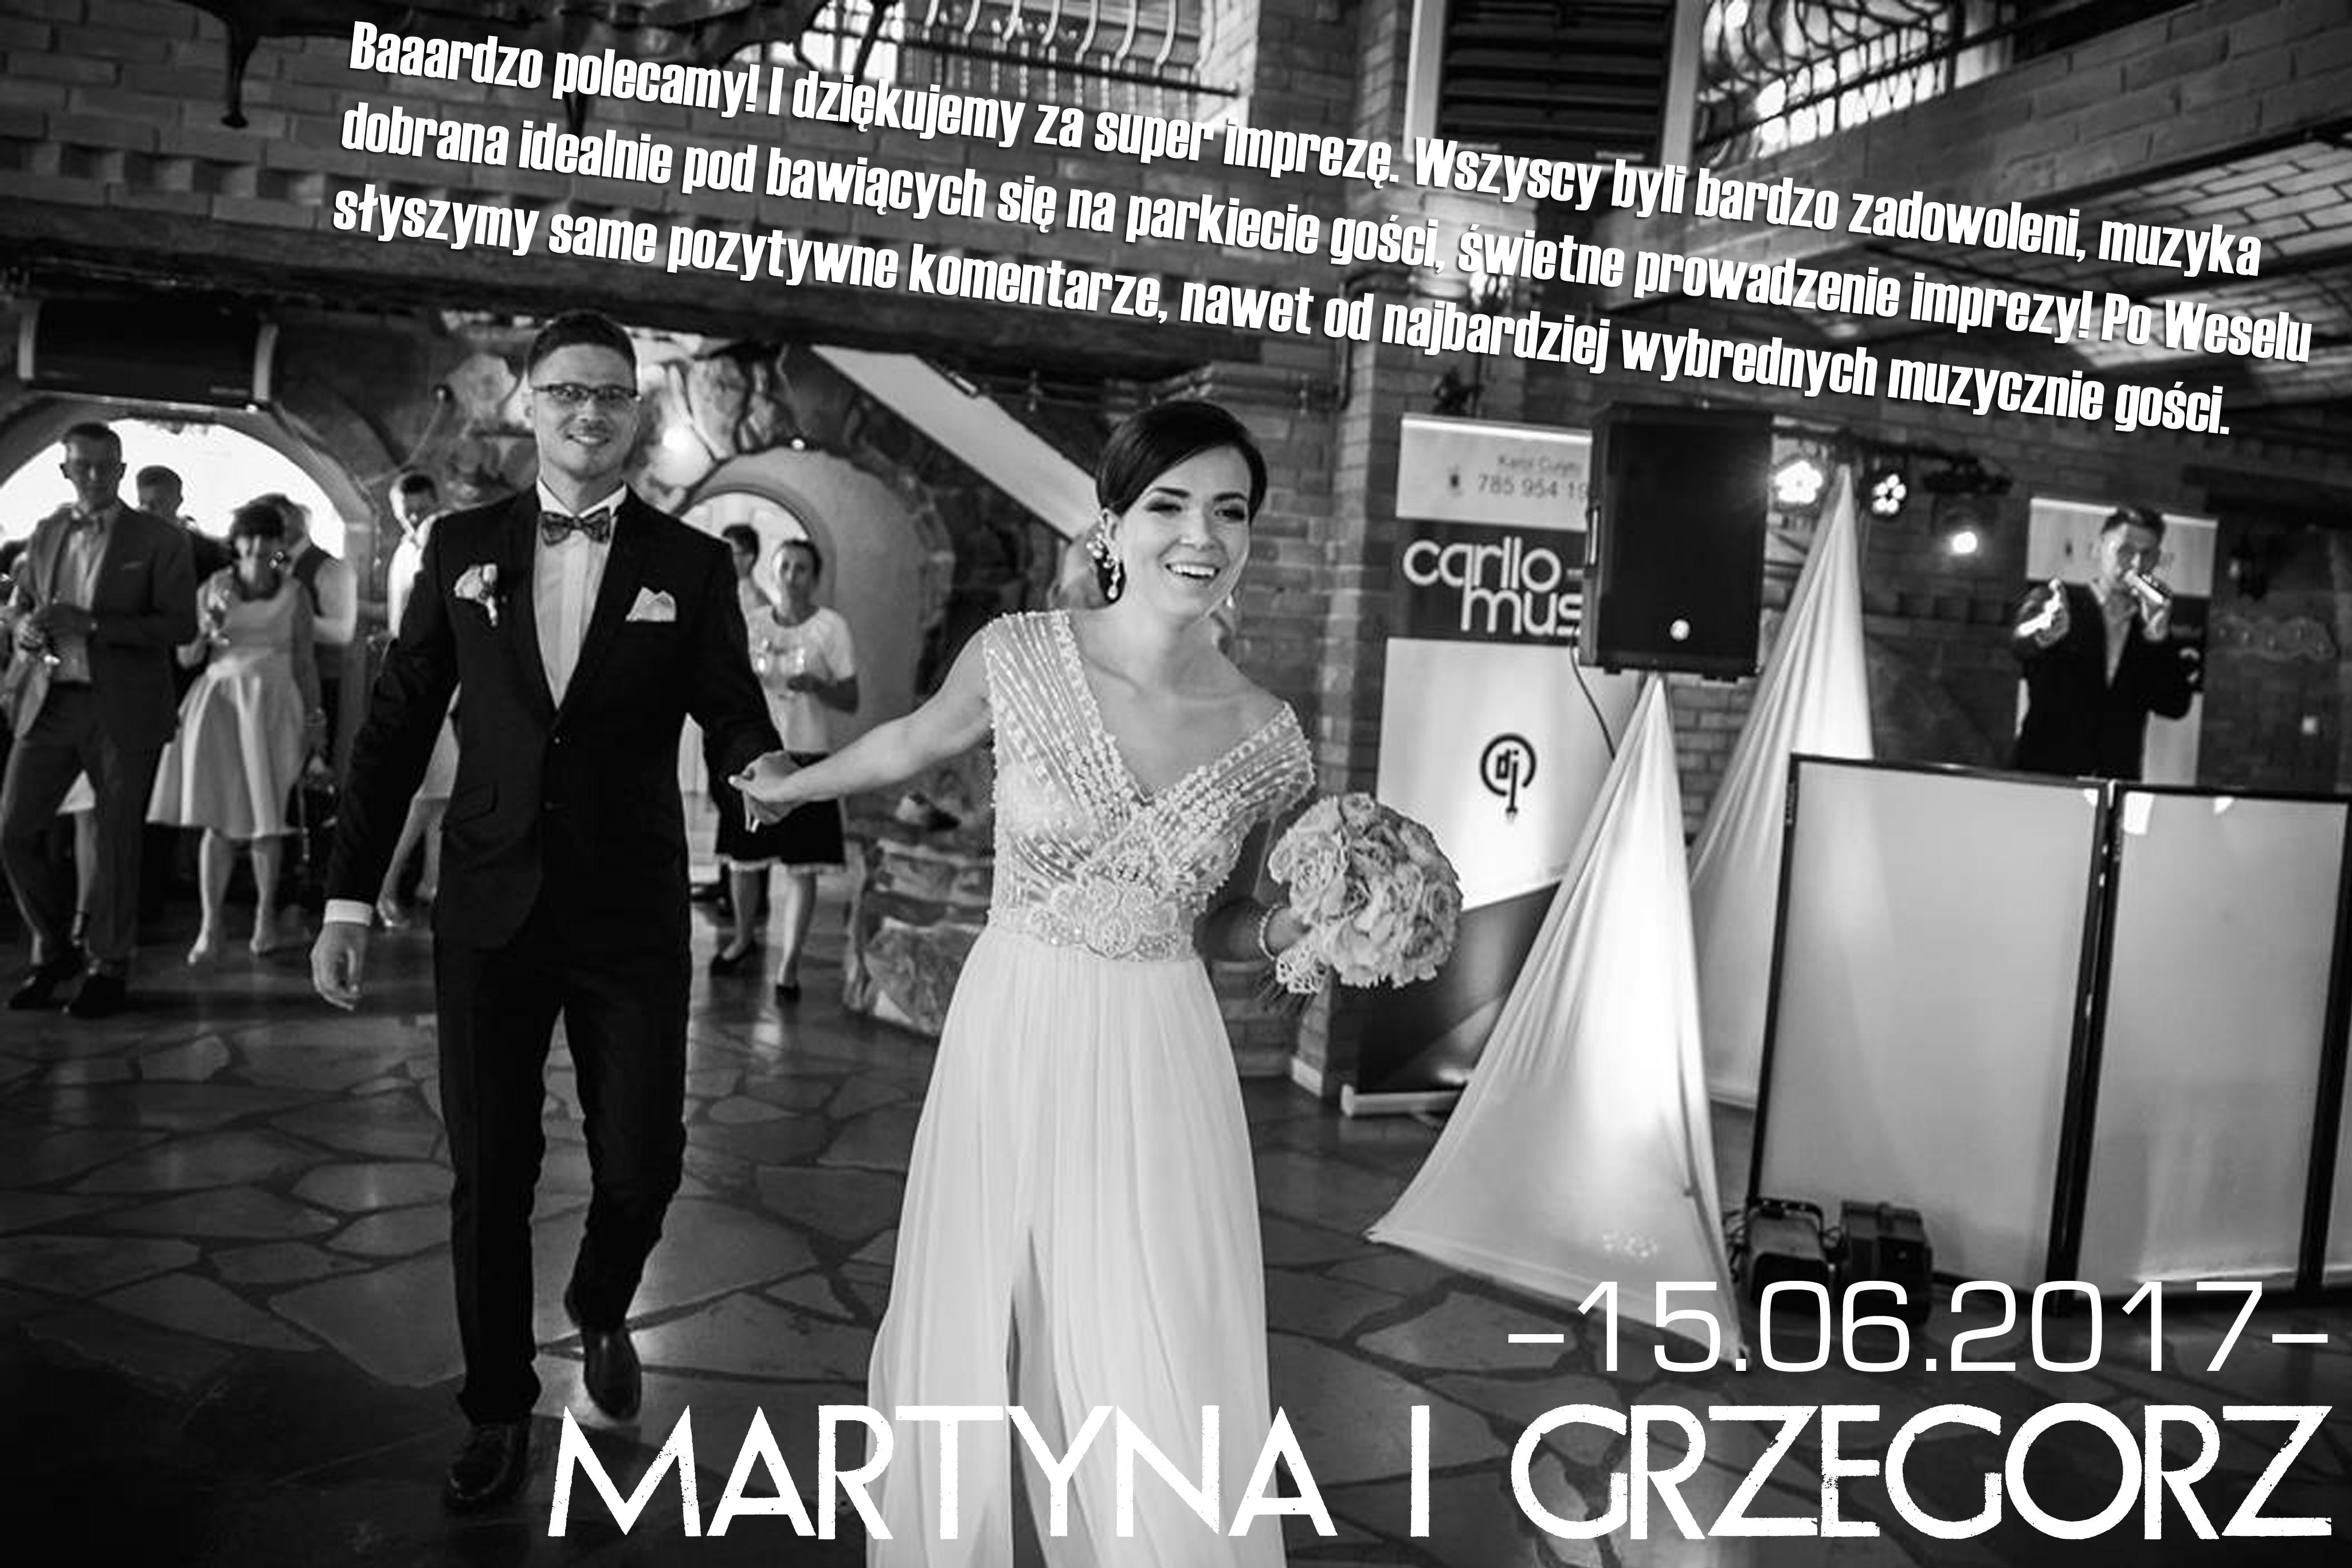 MARTYNA & GRZEGORZ